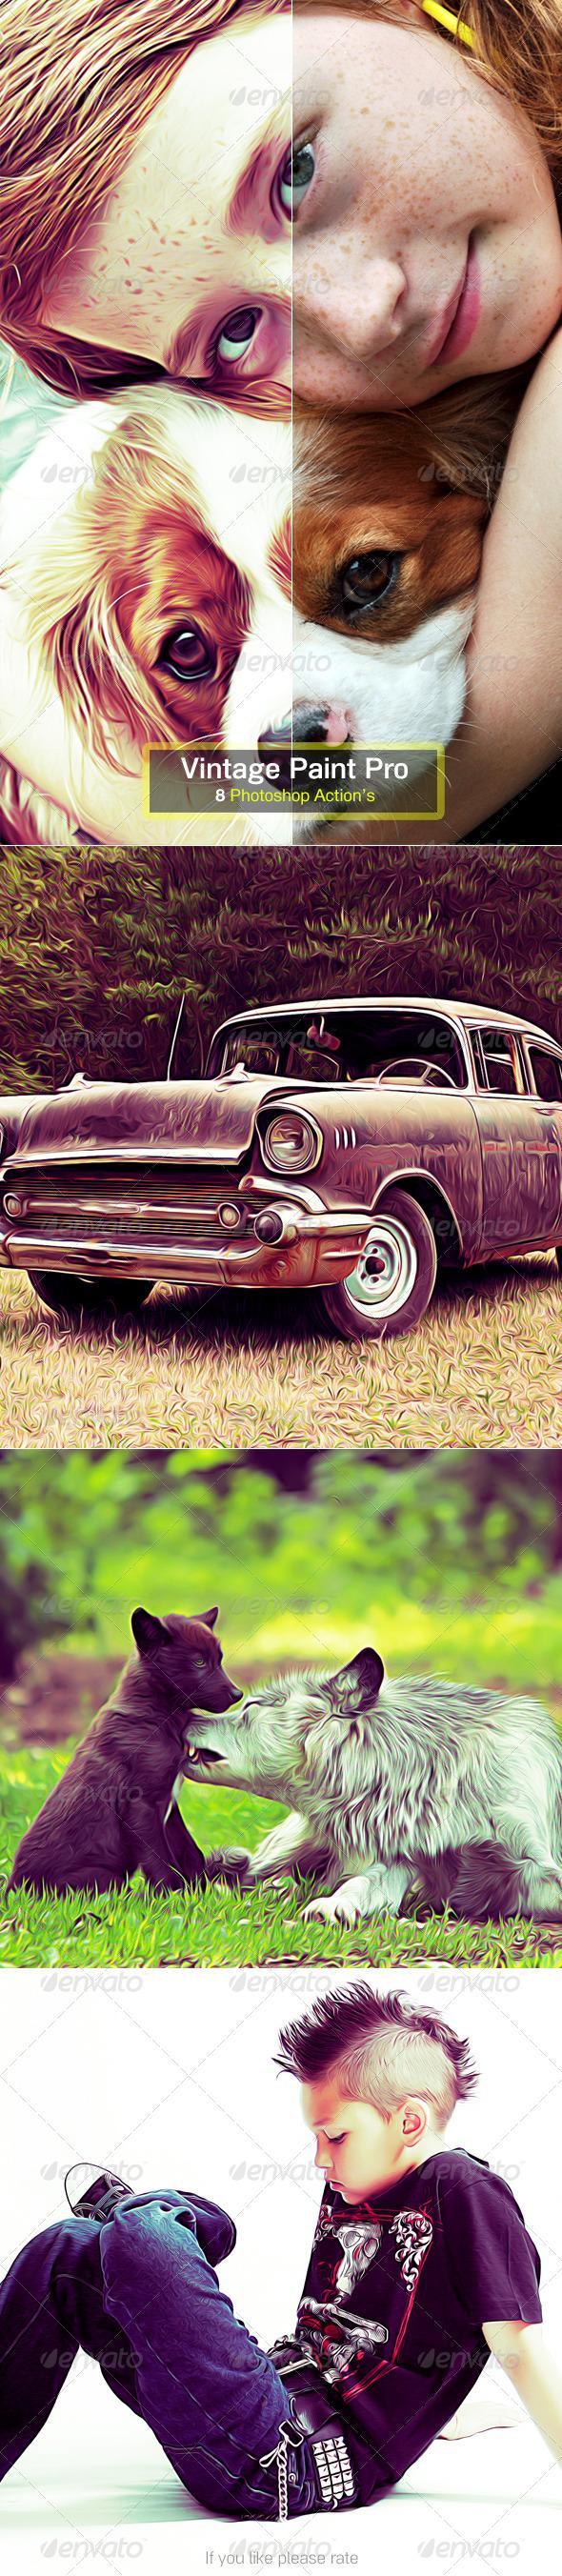 GraphicRiver Don s Vintage Paint Pro 5212002